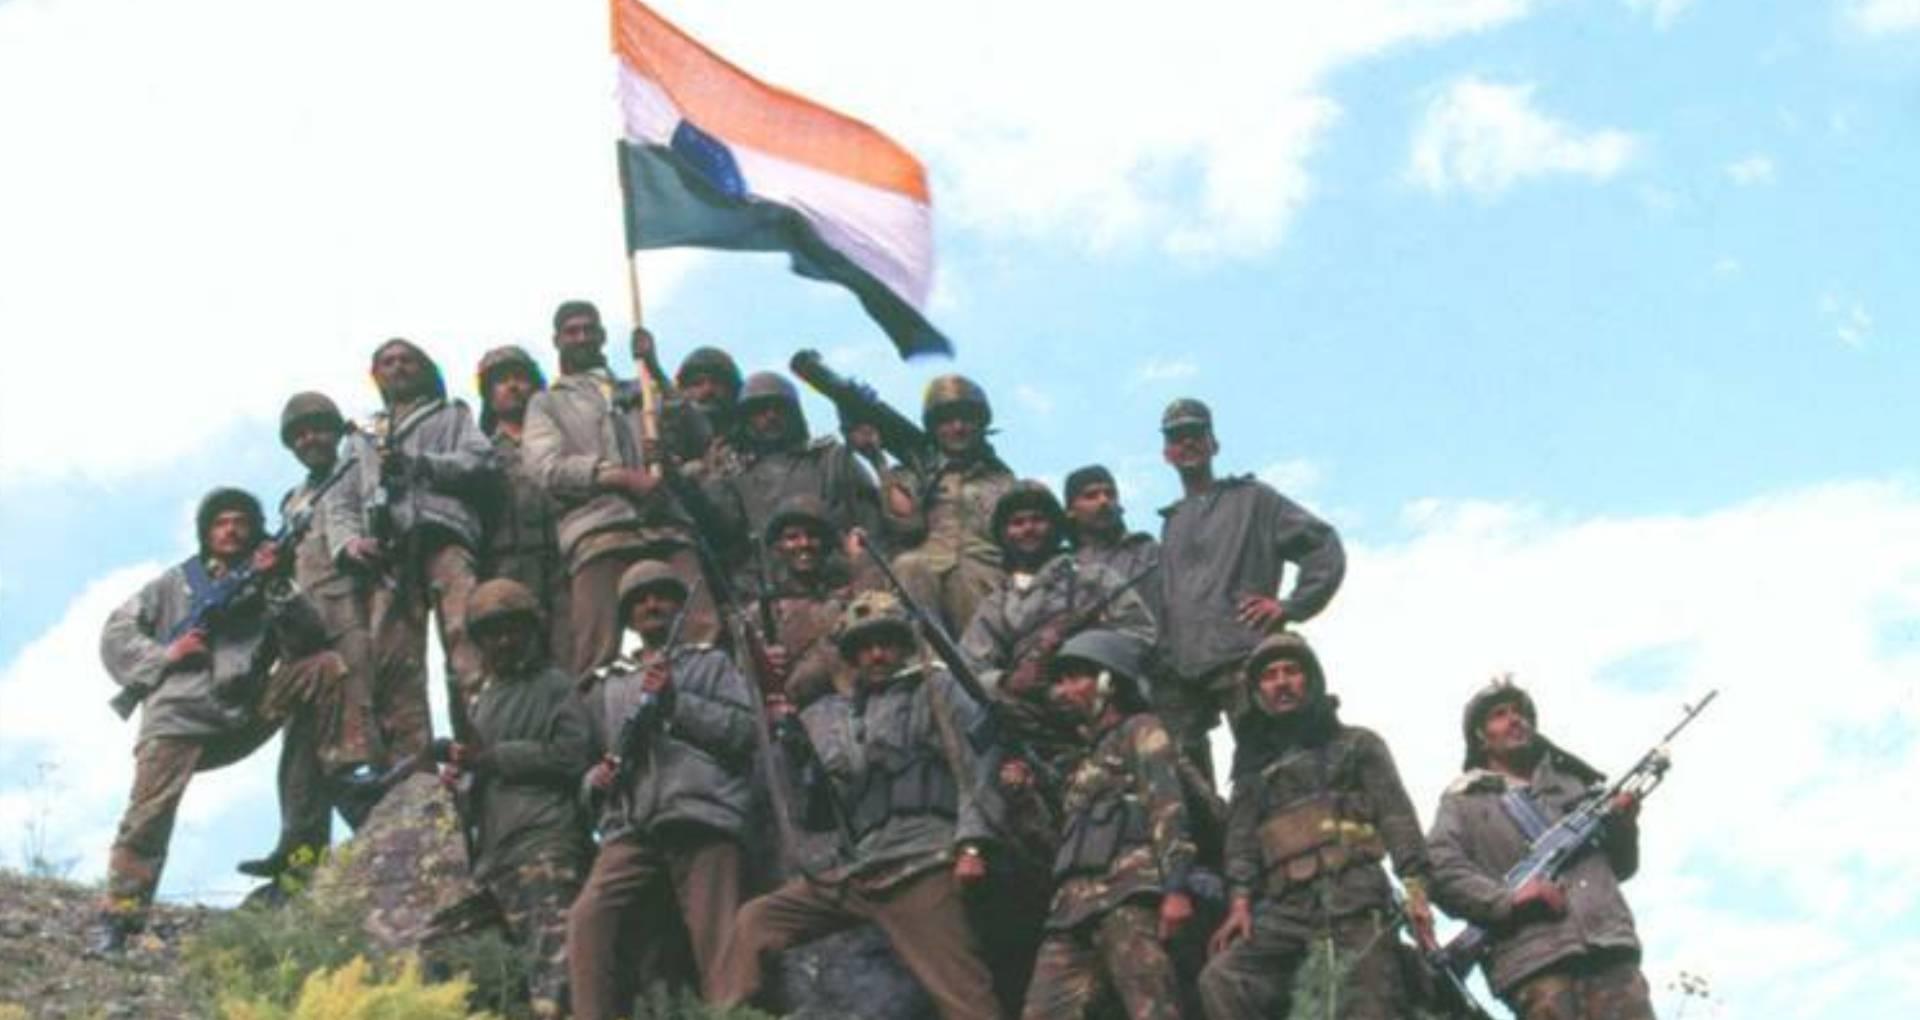 Kargil Vijay Diwas: भारत ने करगिल में ऐसे चटाई थी पाकिस्तान को धूल, इस तरह लहराया जीत का परचम